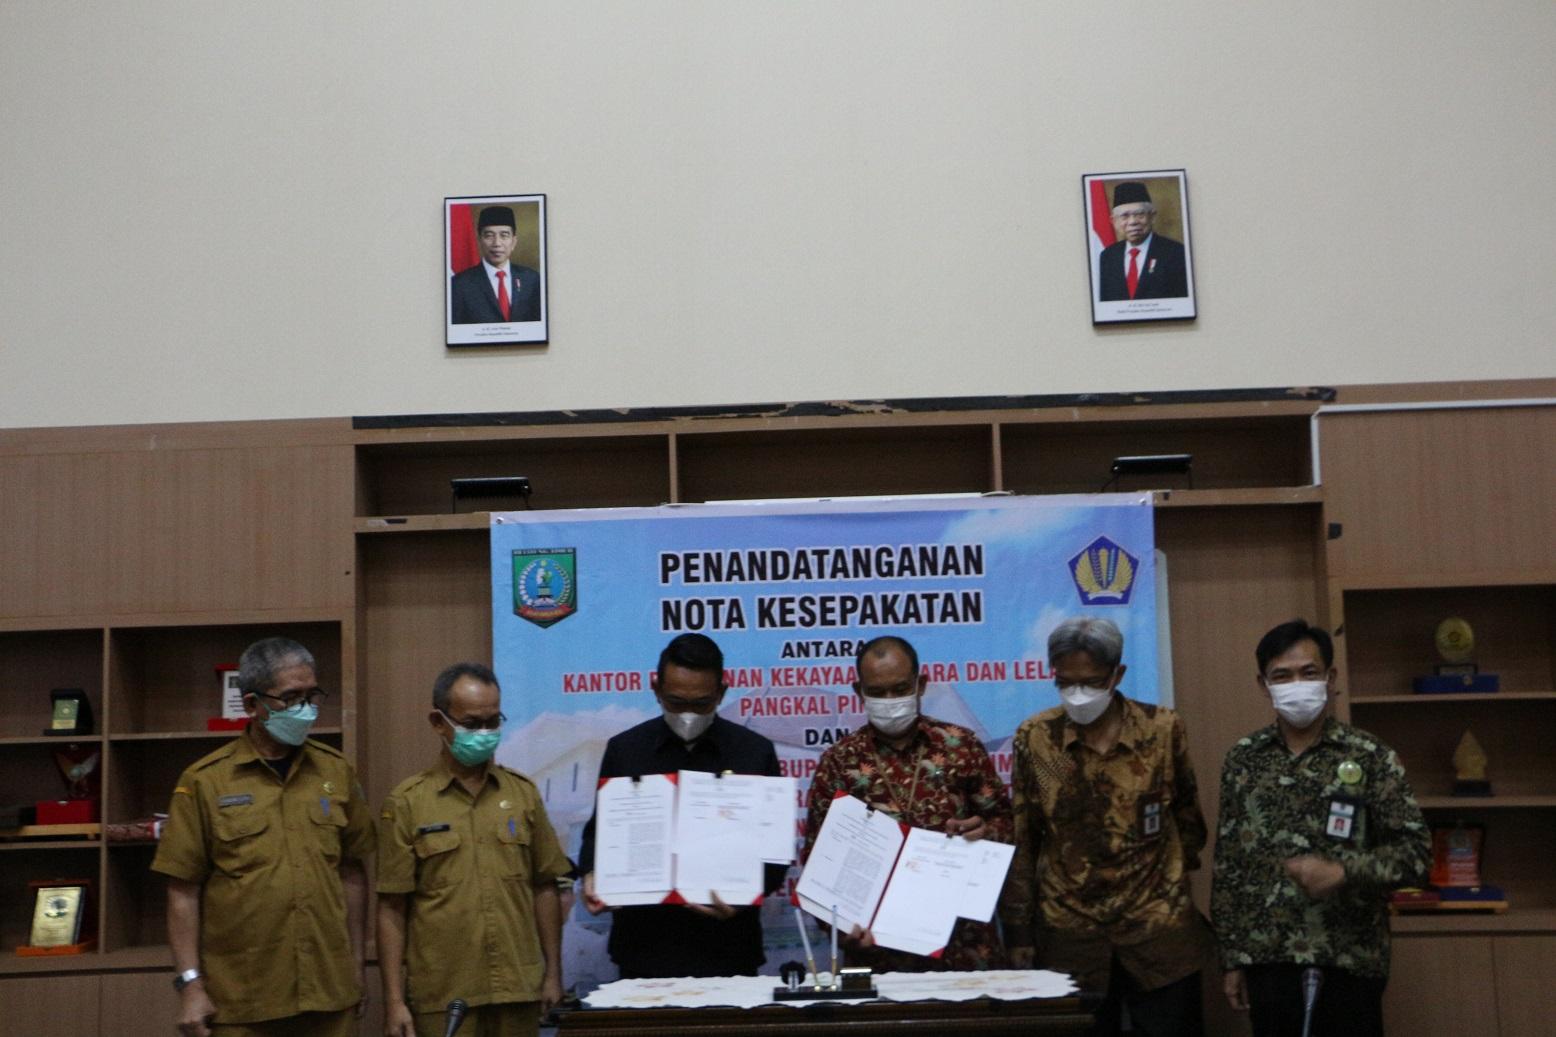 Kuatkan Sinergi, KPKNL Pangkalpinang dan Pemerintah Kabupaten Belitung Timur Lakukan Penandatanganan Nota Kesepakatan